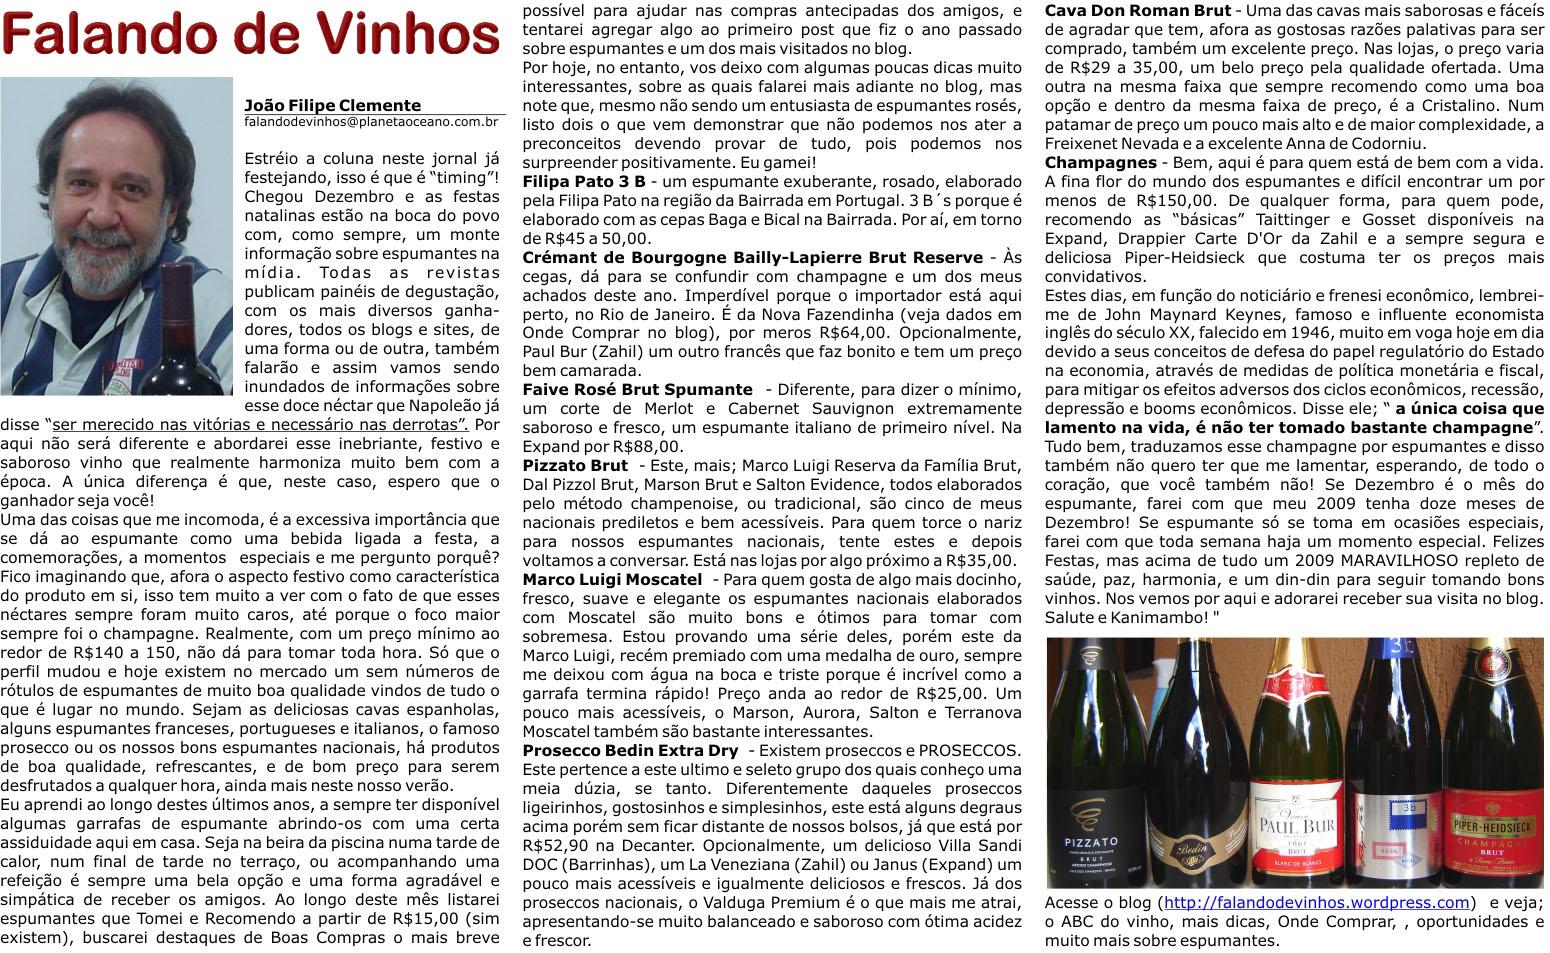 coluna-de-vinhos-dez-08